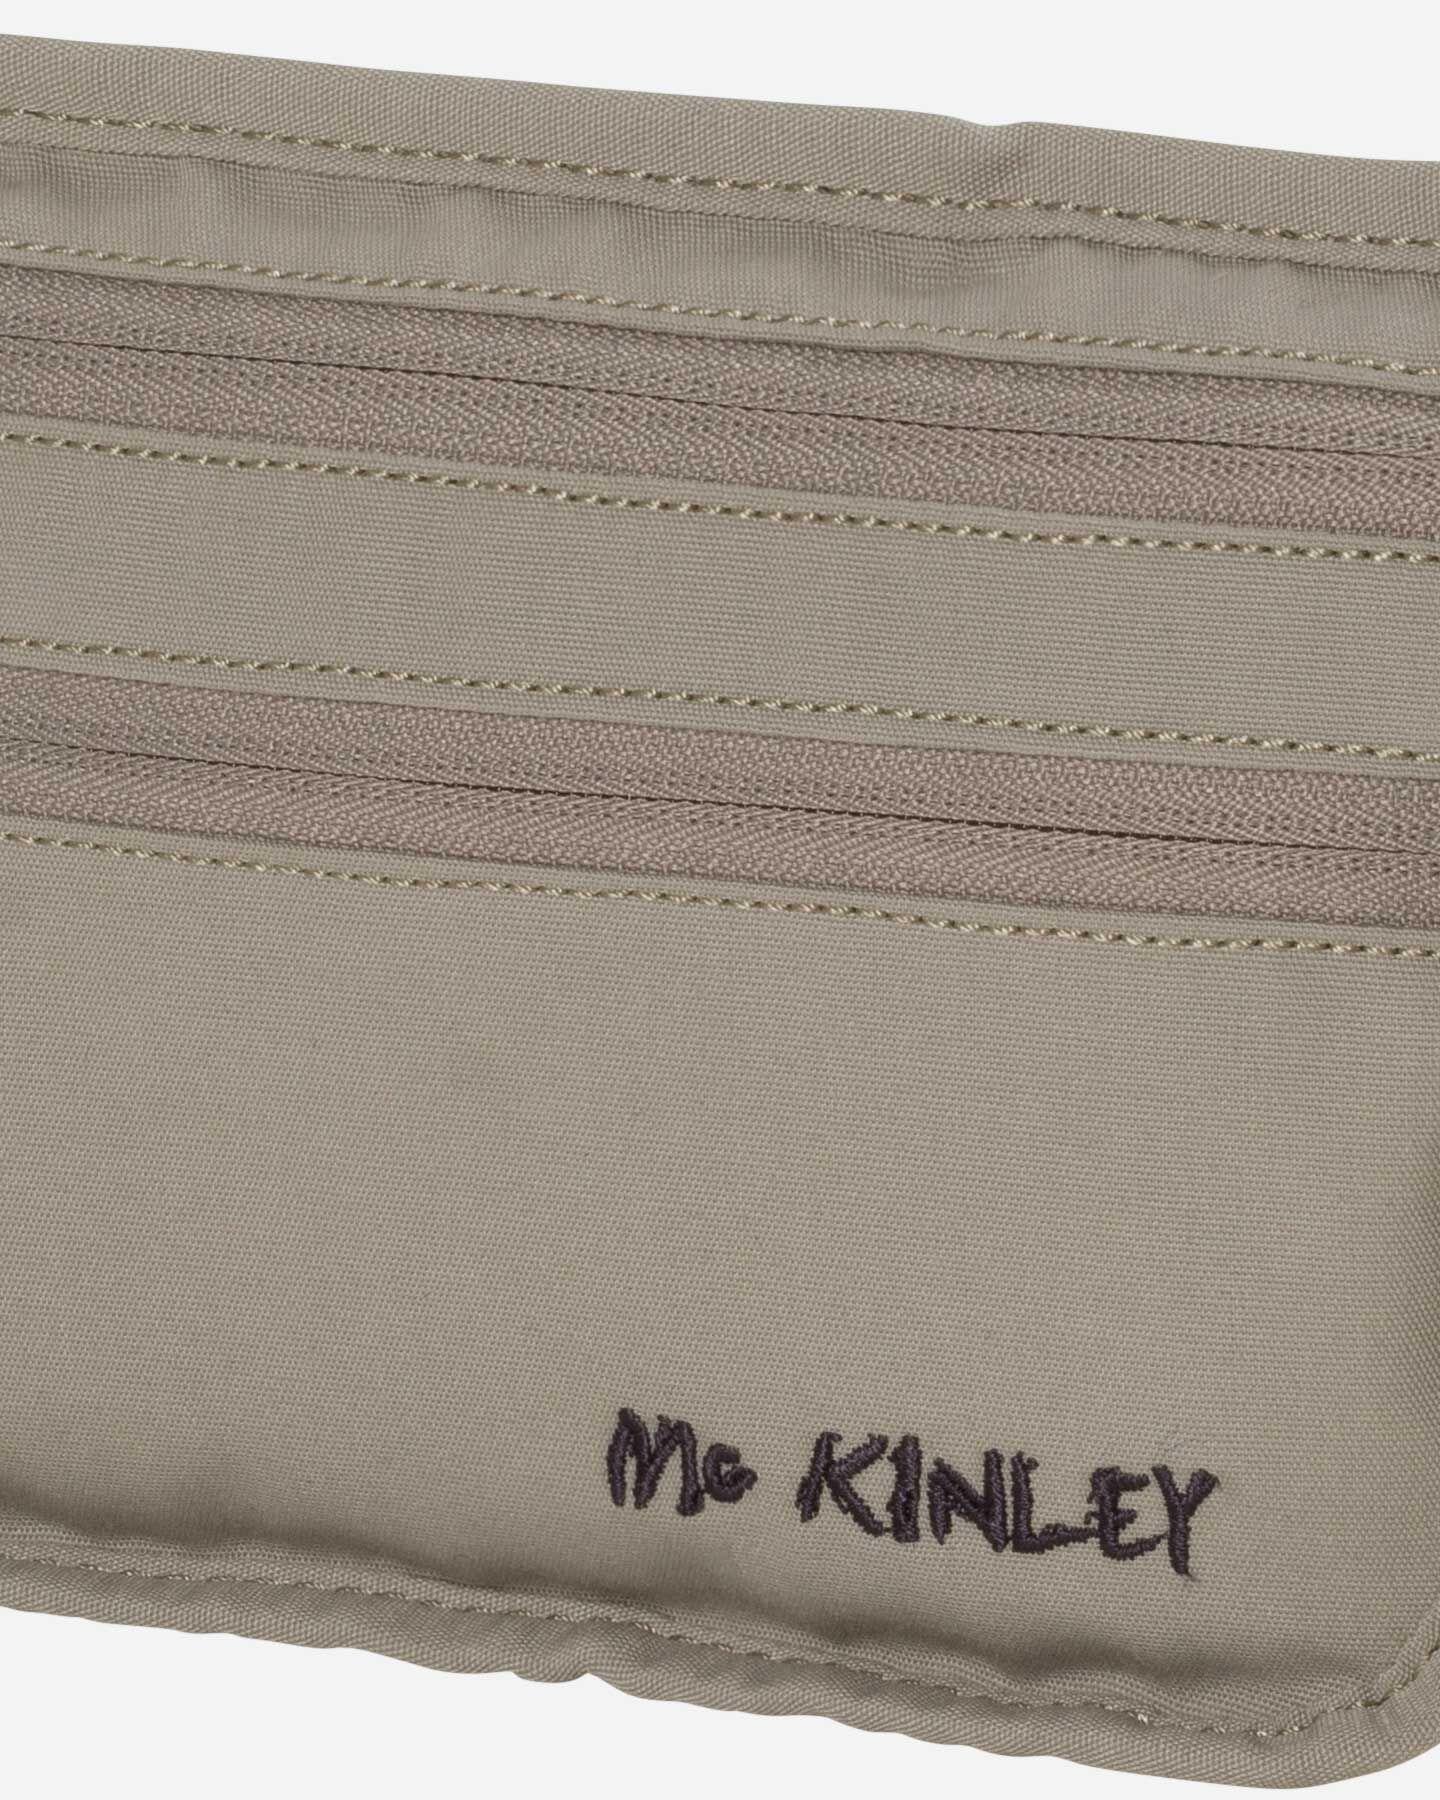 Accessorio MCKINLEY COTTON BELT BAG S0428914|413|UNI scatto 1